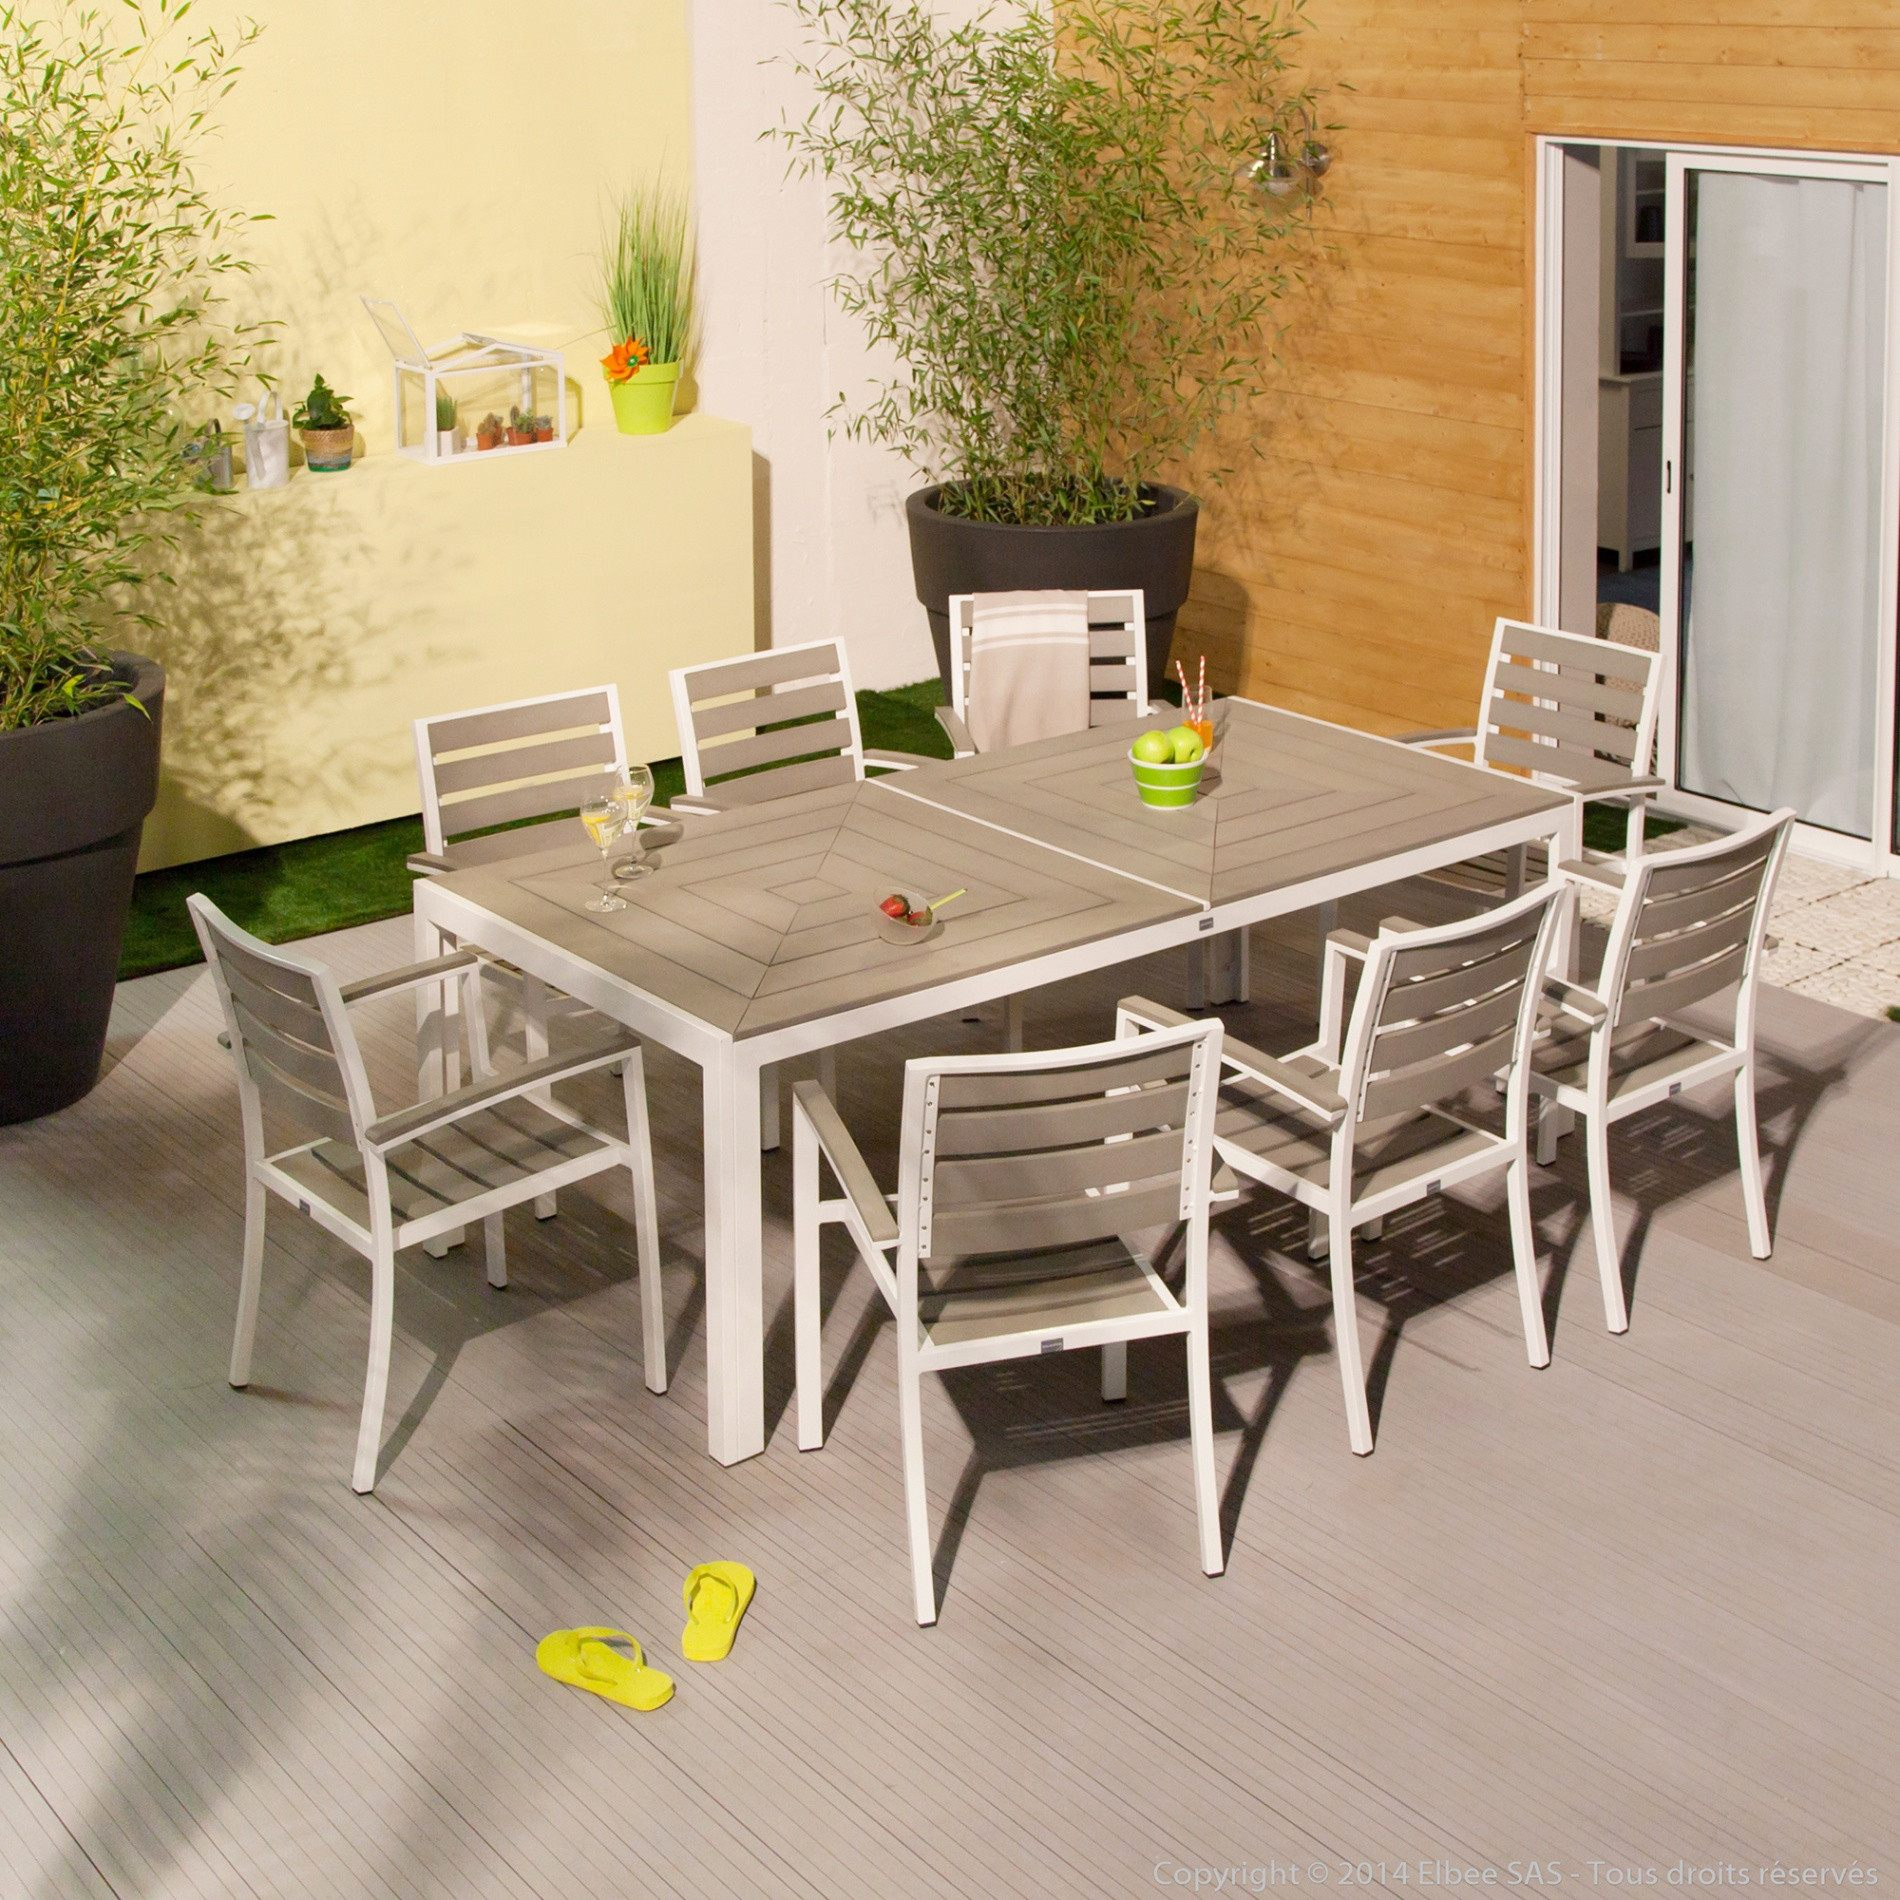 Salon De Jardin Blanc Plastique Unique Table Terrasse Pas ... serapportantà Salon De Jardin Plastique Pas Cher